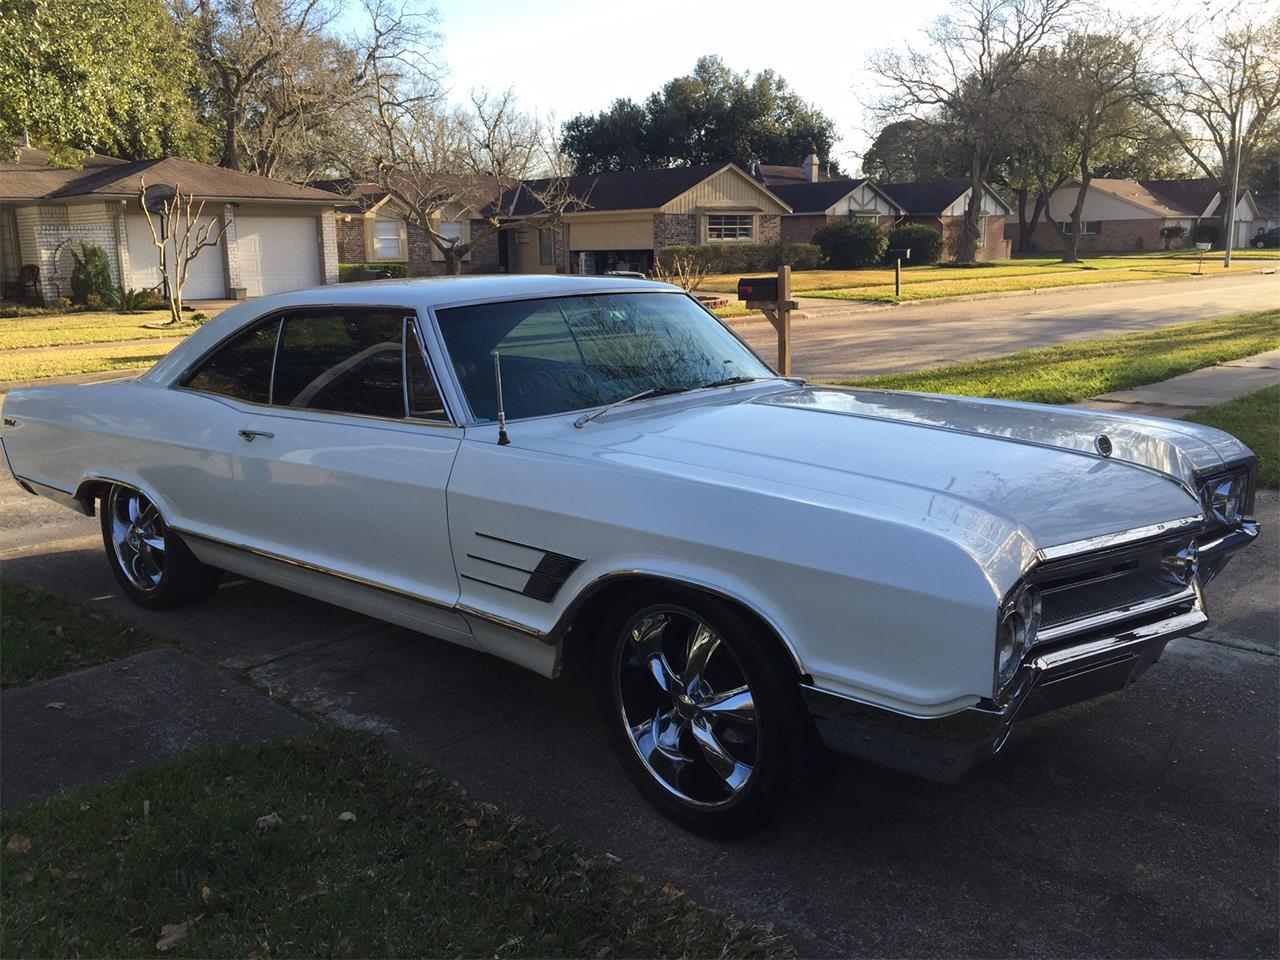 1965 Buick Wildcat – automobilindustrie